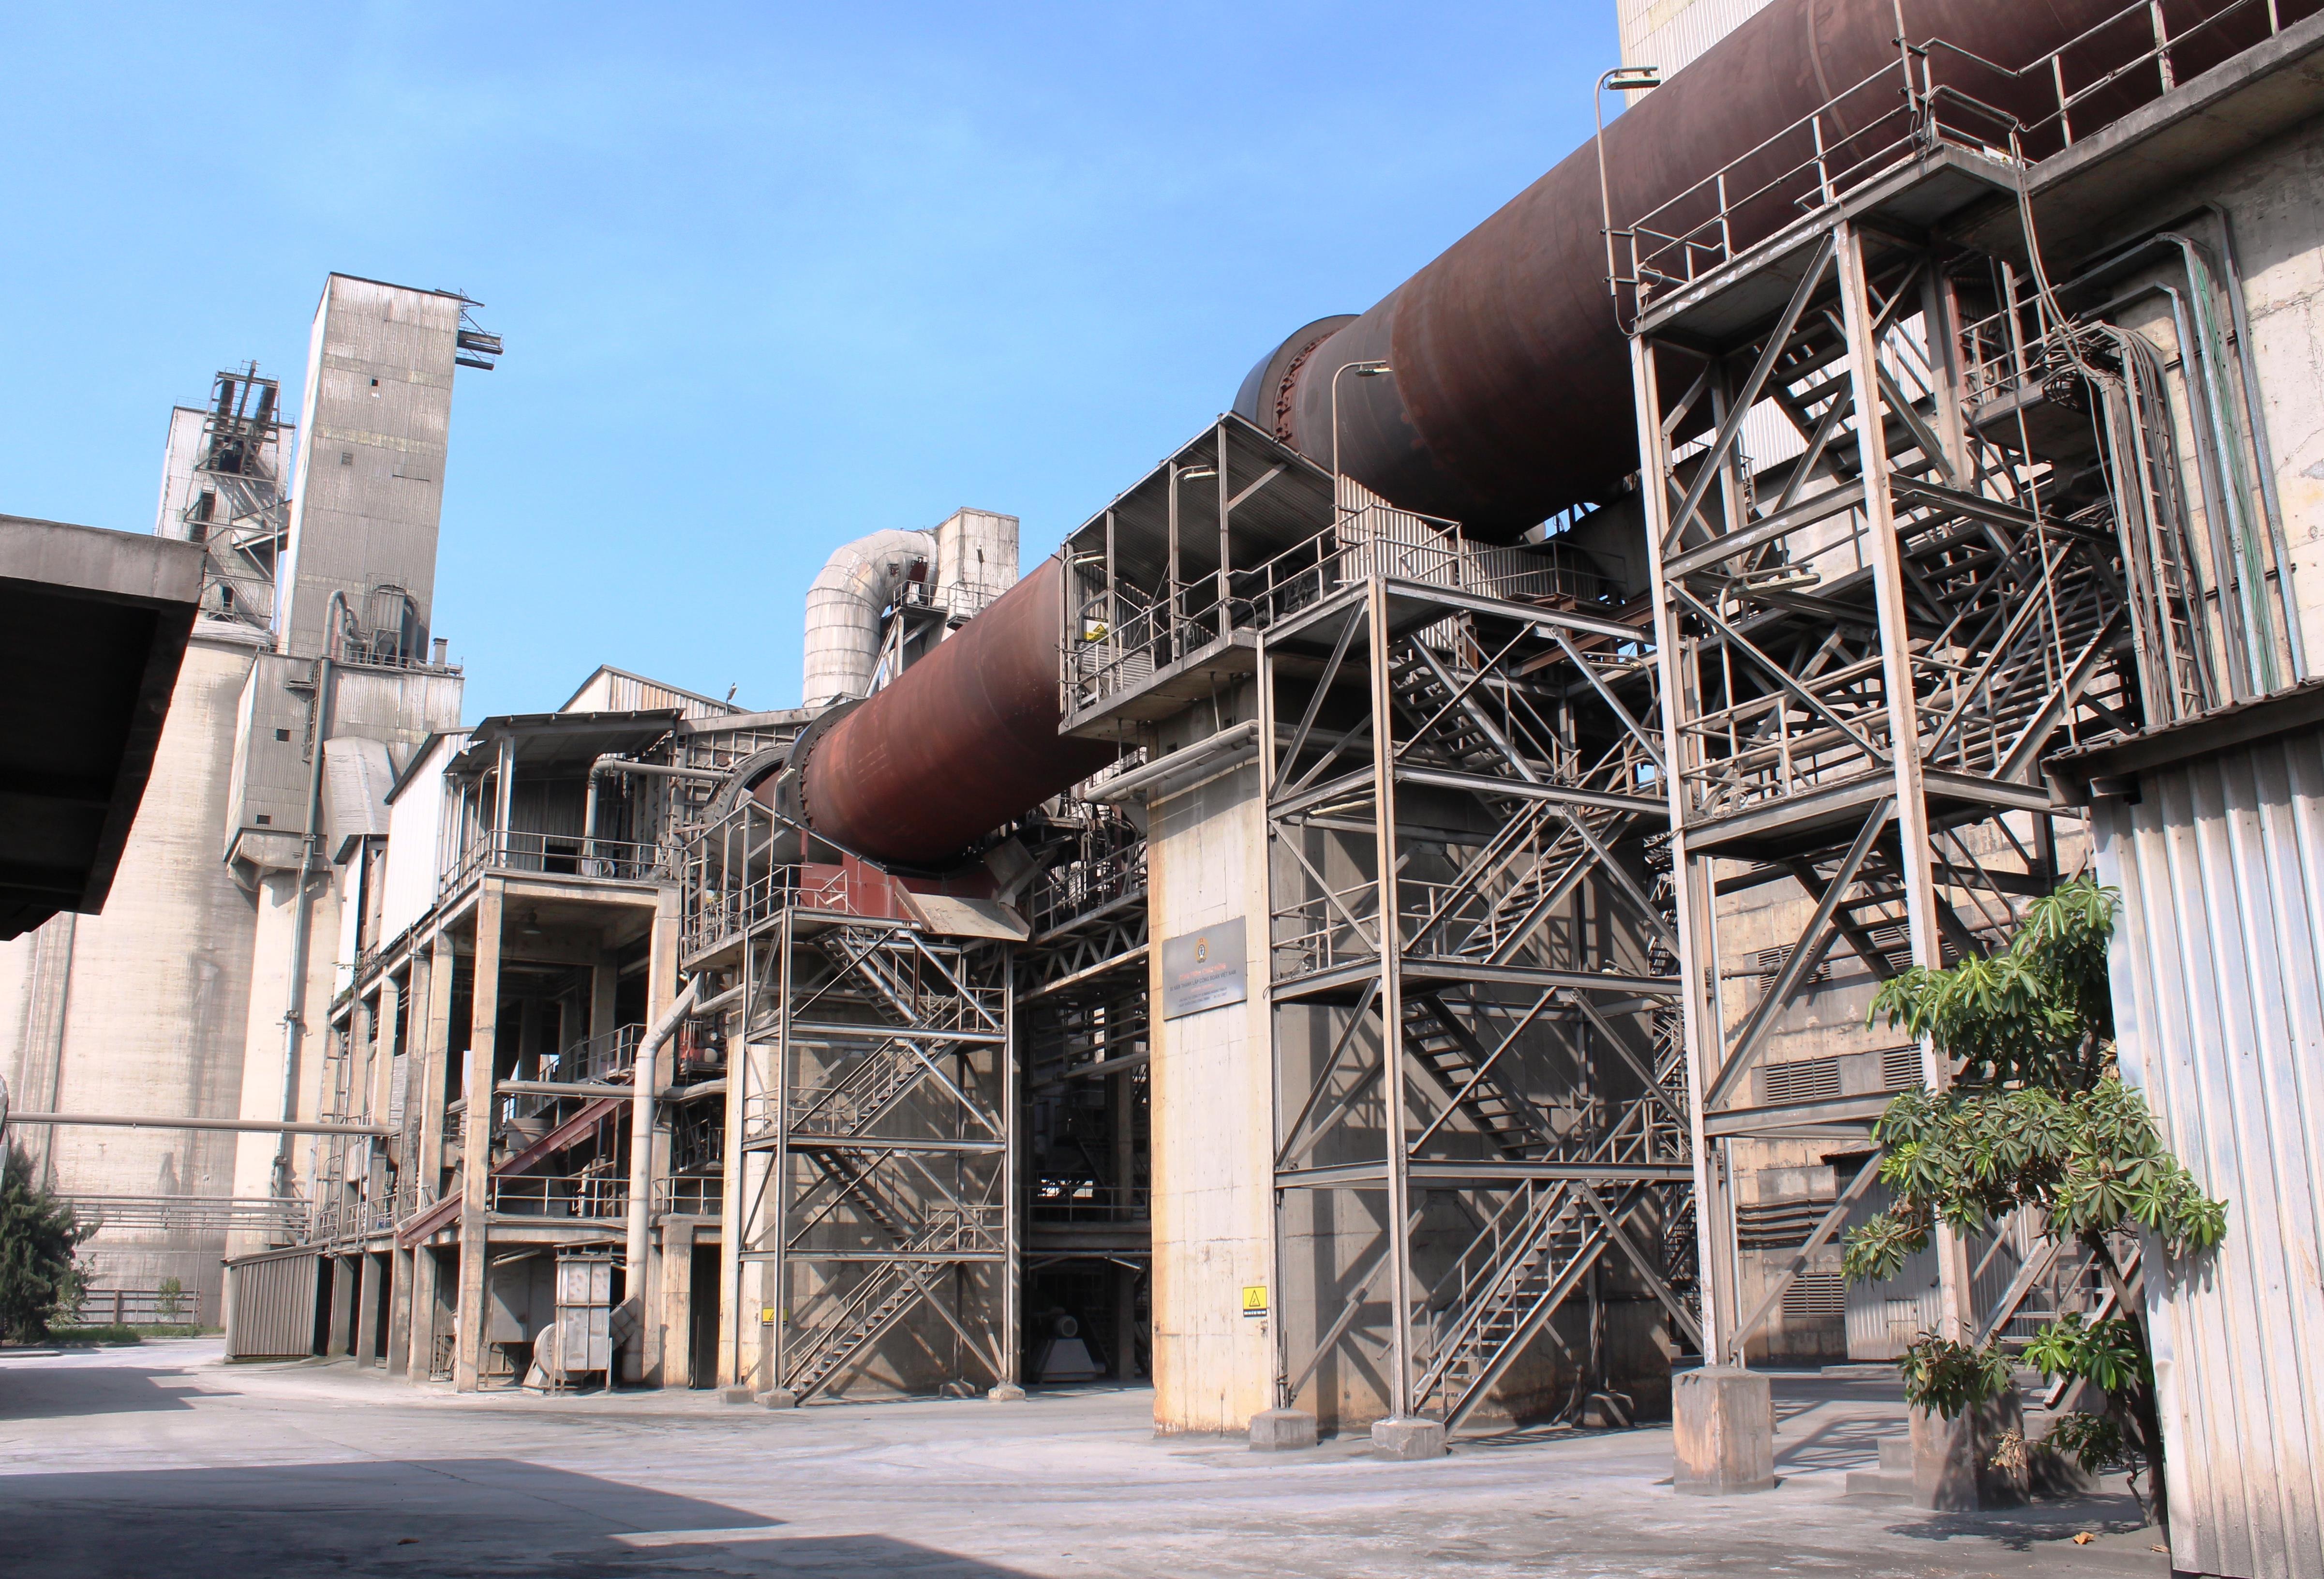 Công nghiệp xi măng trước đòi hỏi tối ưu hóa sản xuất